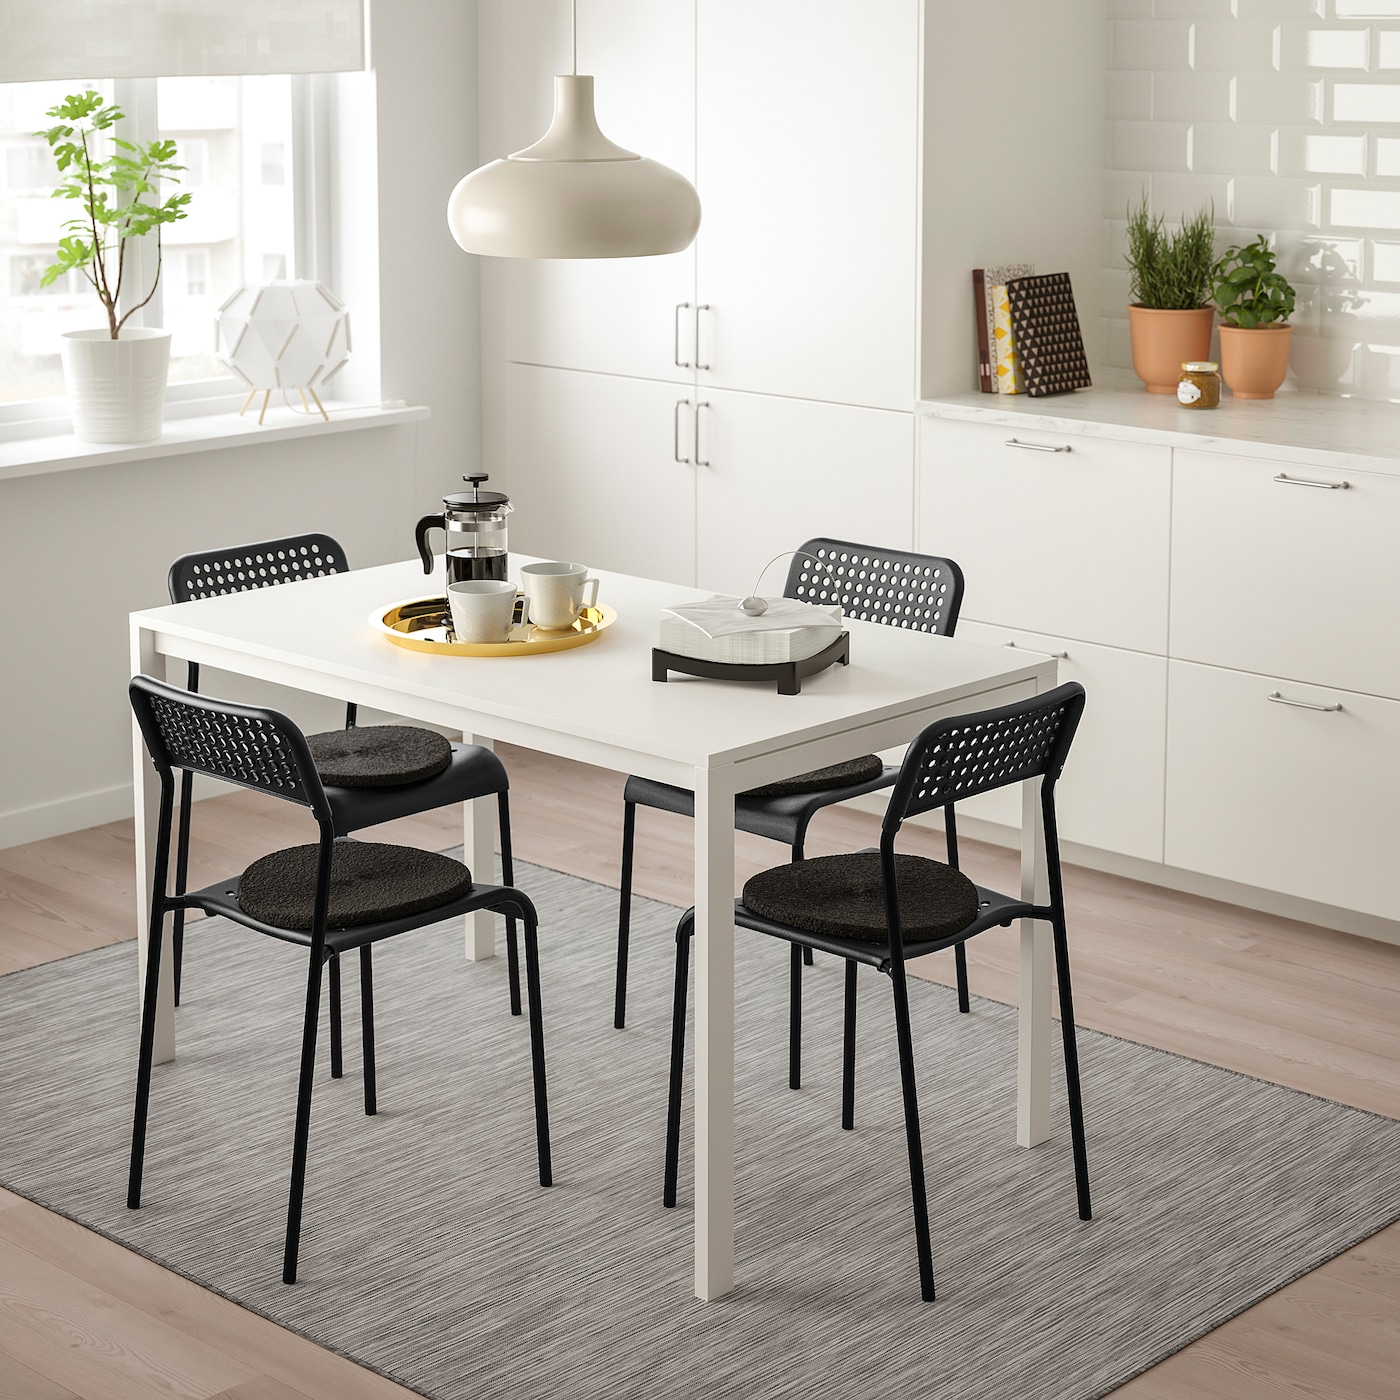 MELLTORP/ADDE Table et 4 chaises Blanc/noir 125 cm - IKEA